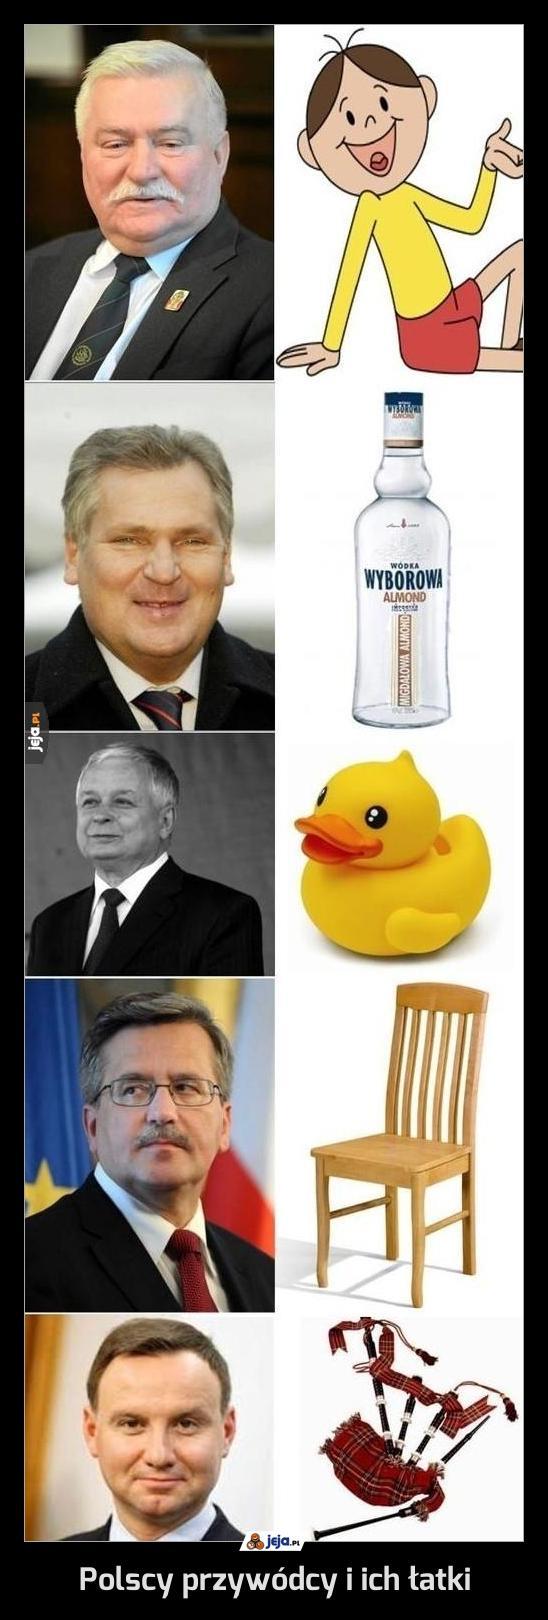 Polscy przywódcy i ich łatki